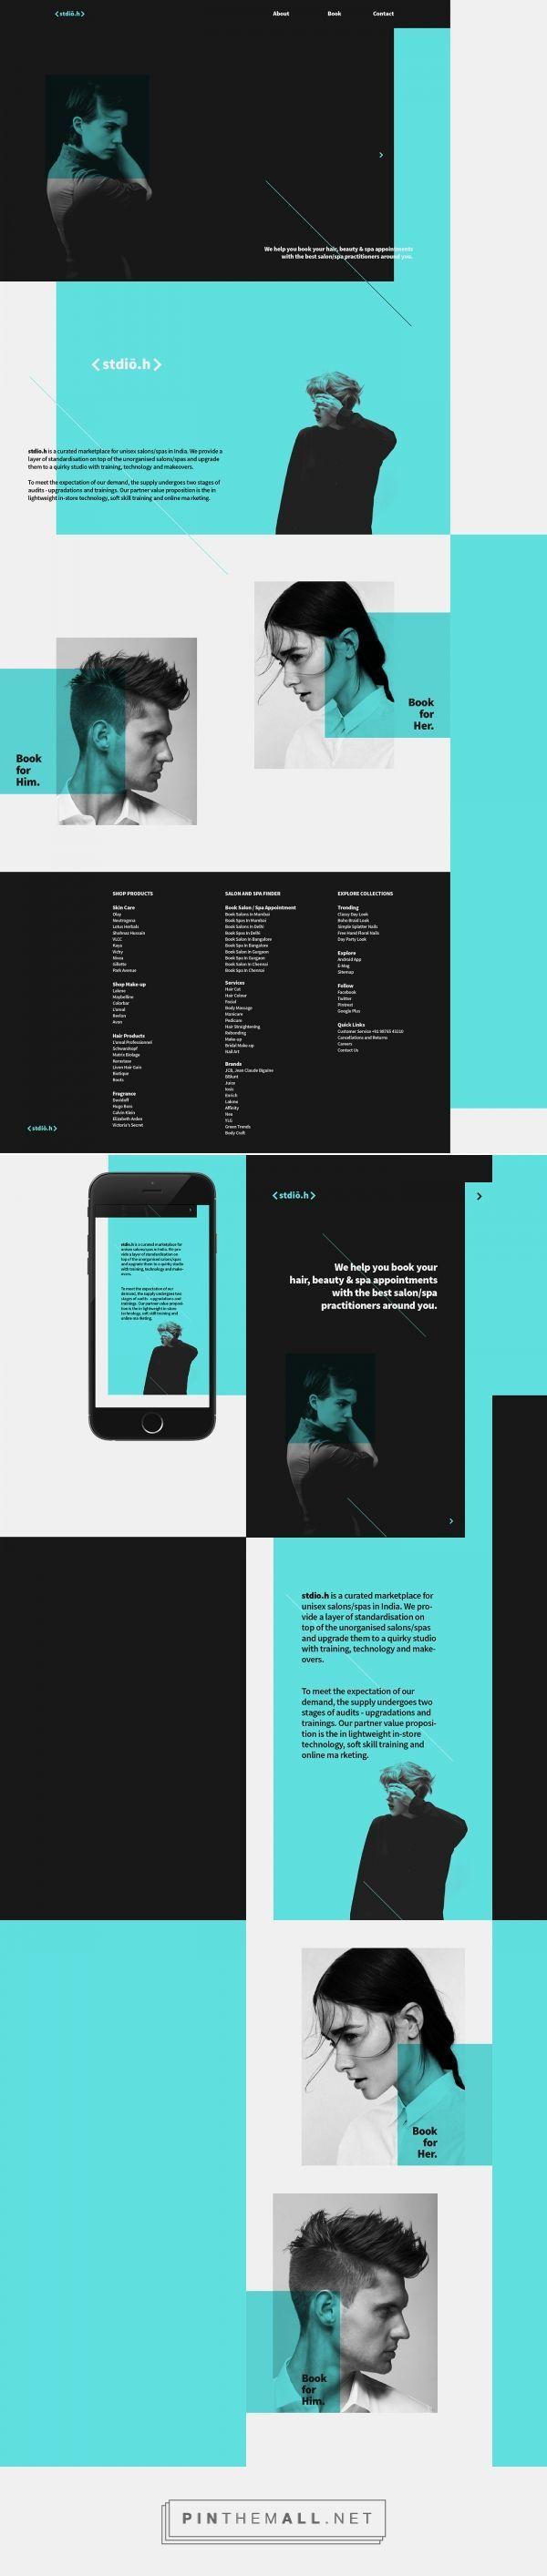 81 best Digital images on Pinterest   Ui design inspiration ...